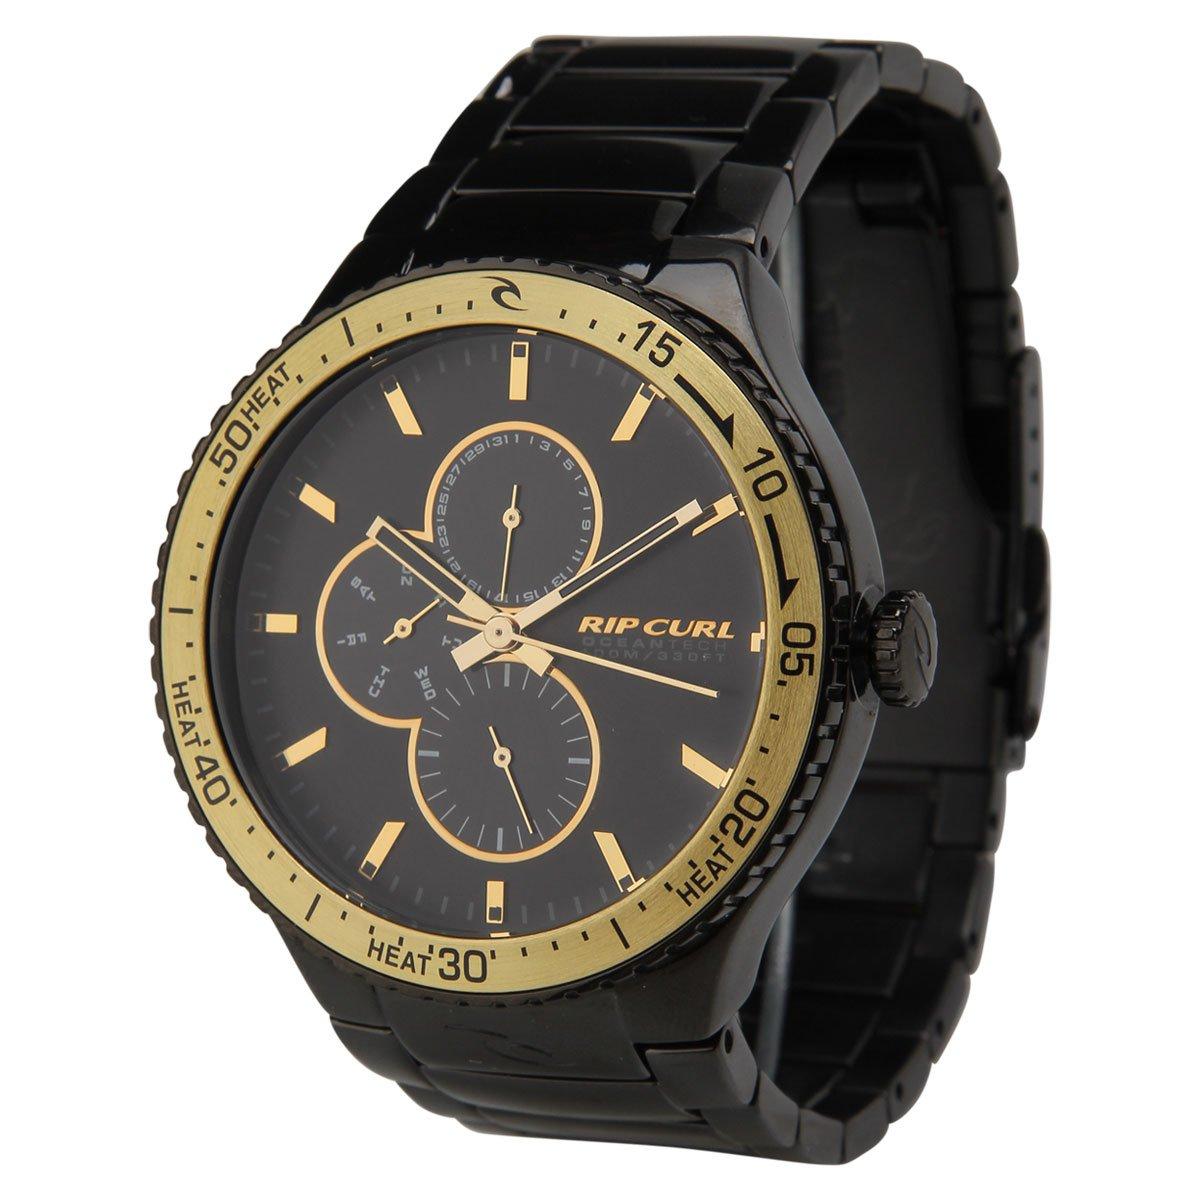 d112c9c6e9b Relógio Rip Curl Lincoln - Preto e Dourado - Compre Agora